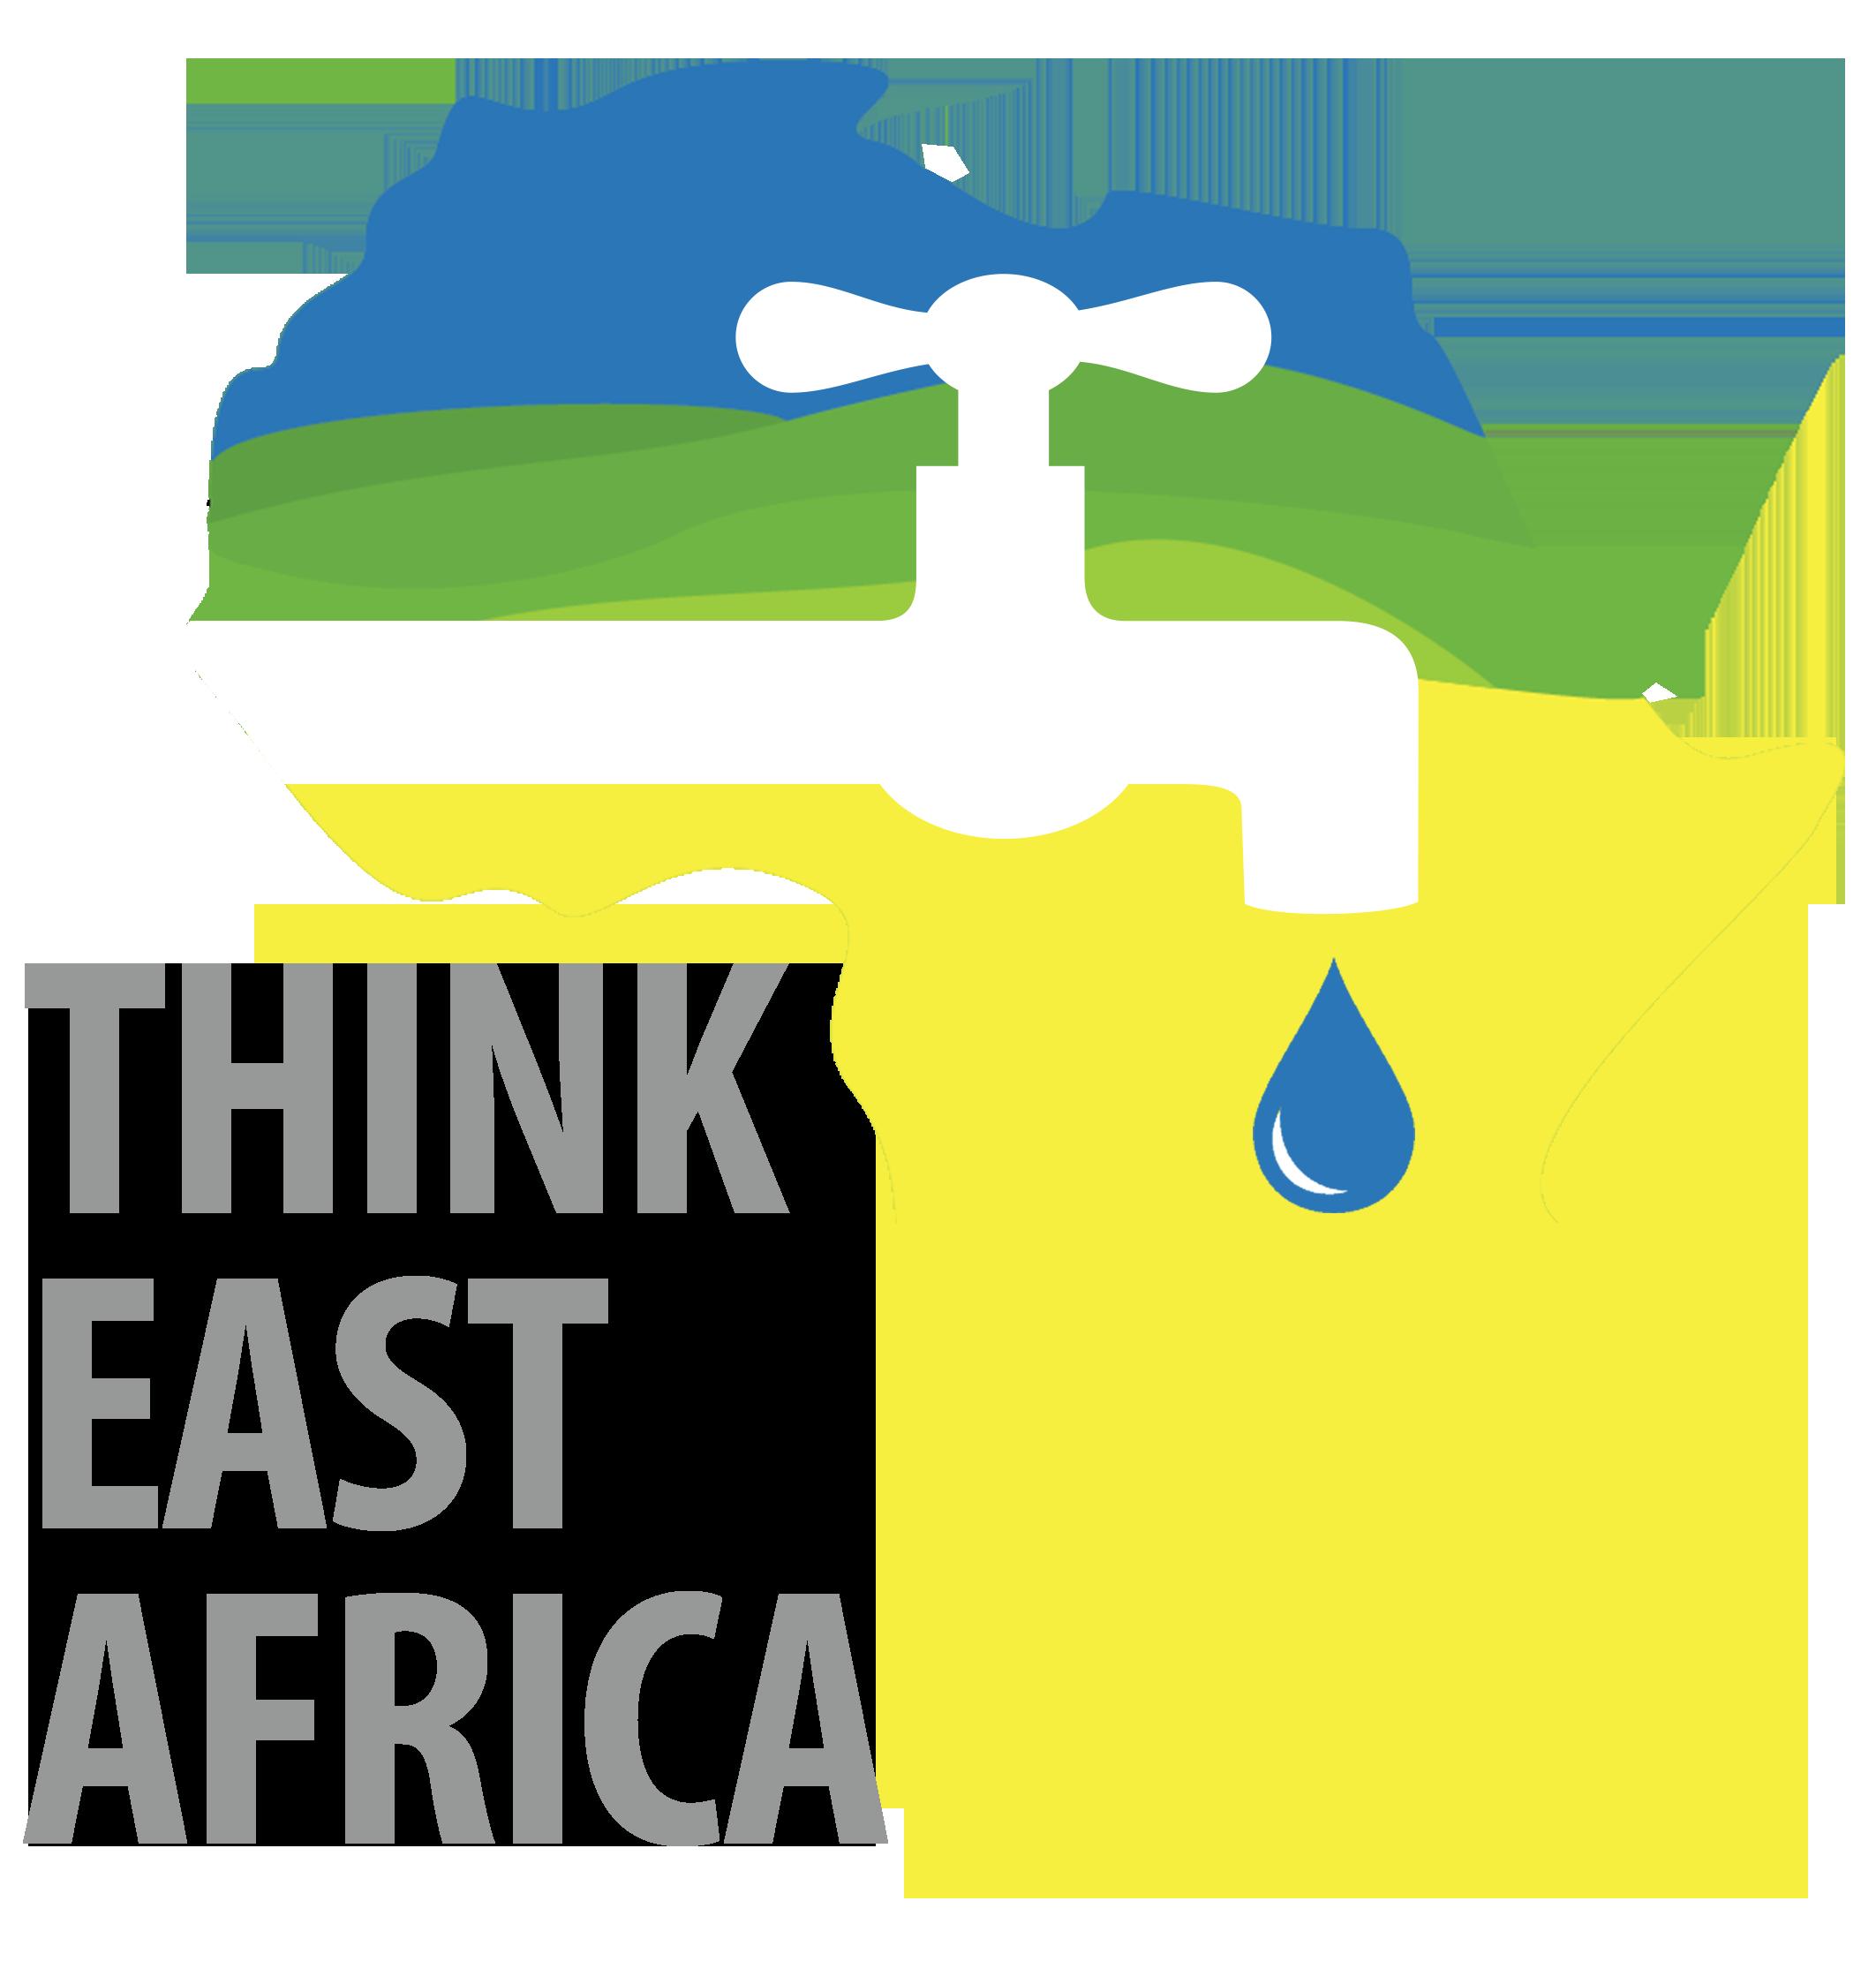 ThinkEastAfricalogo.png